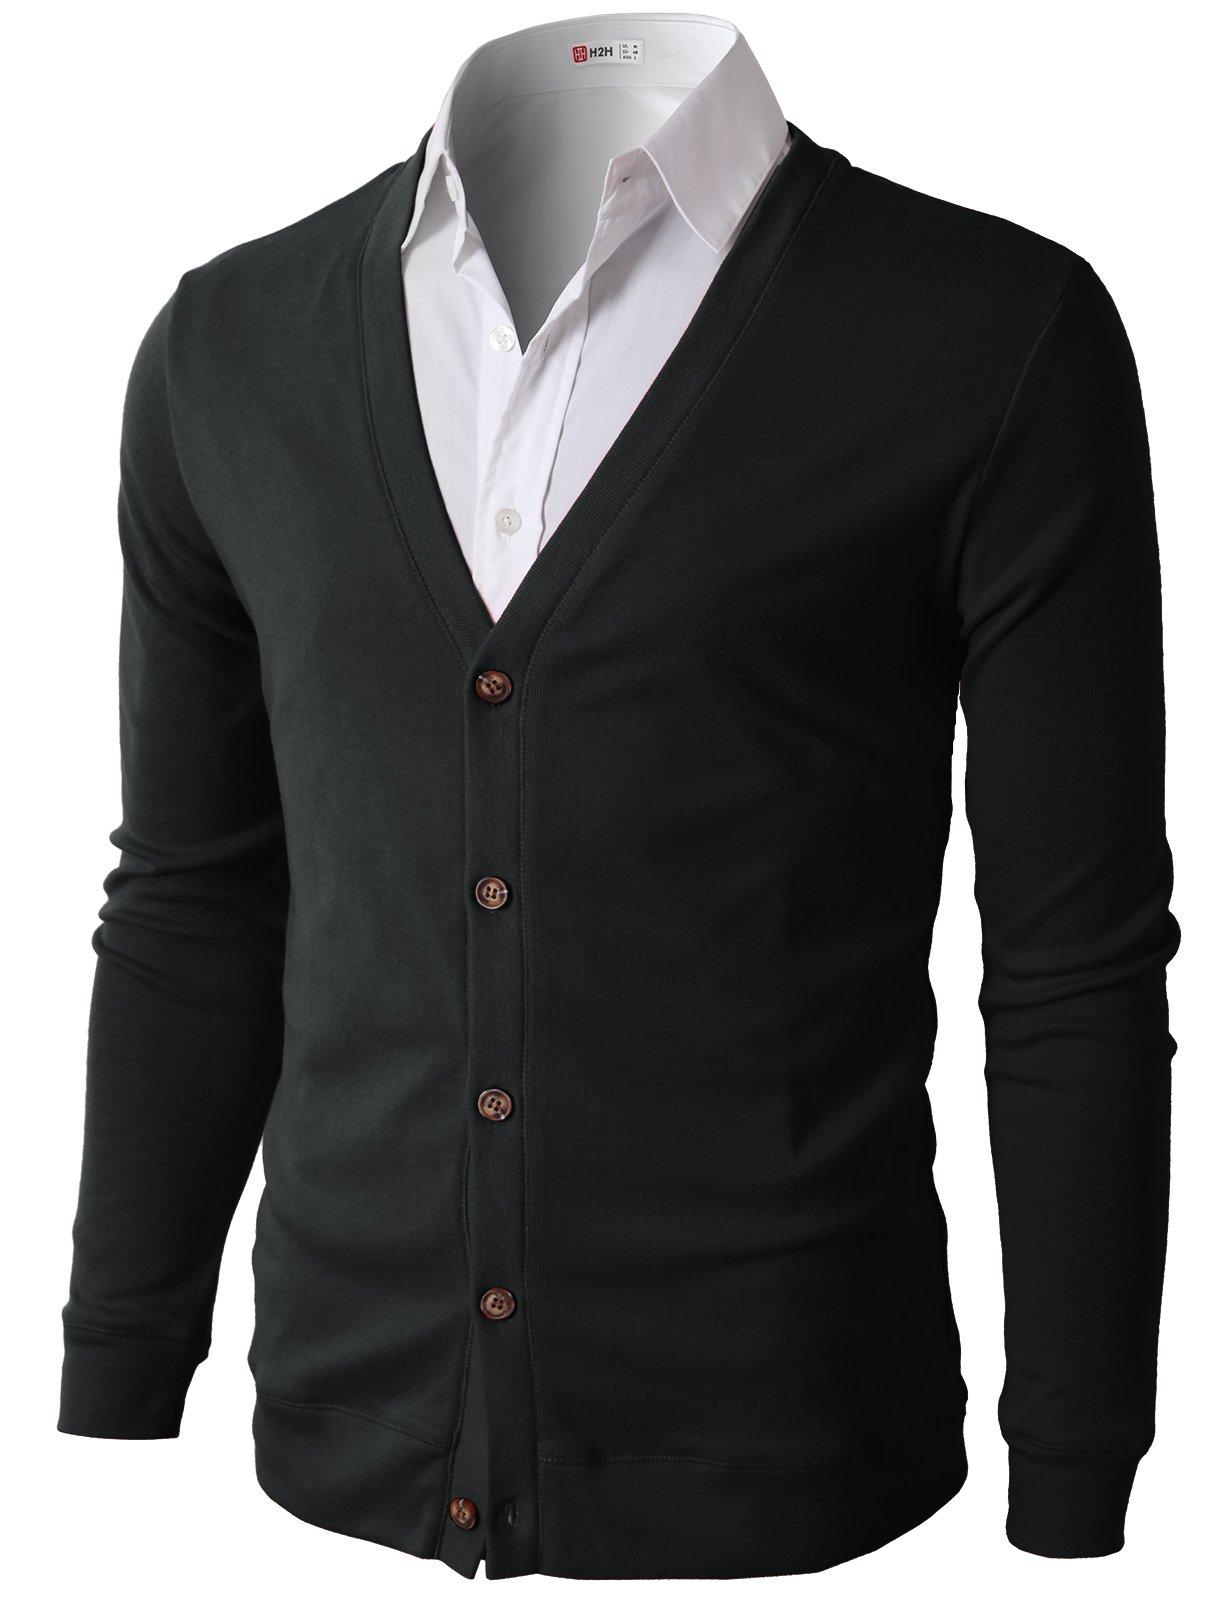 H2H Mens Slim Fit Light Weight V-Neck Cardigan Black US M/Asia L (CMOCAL025)